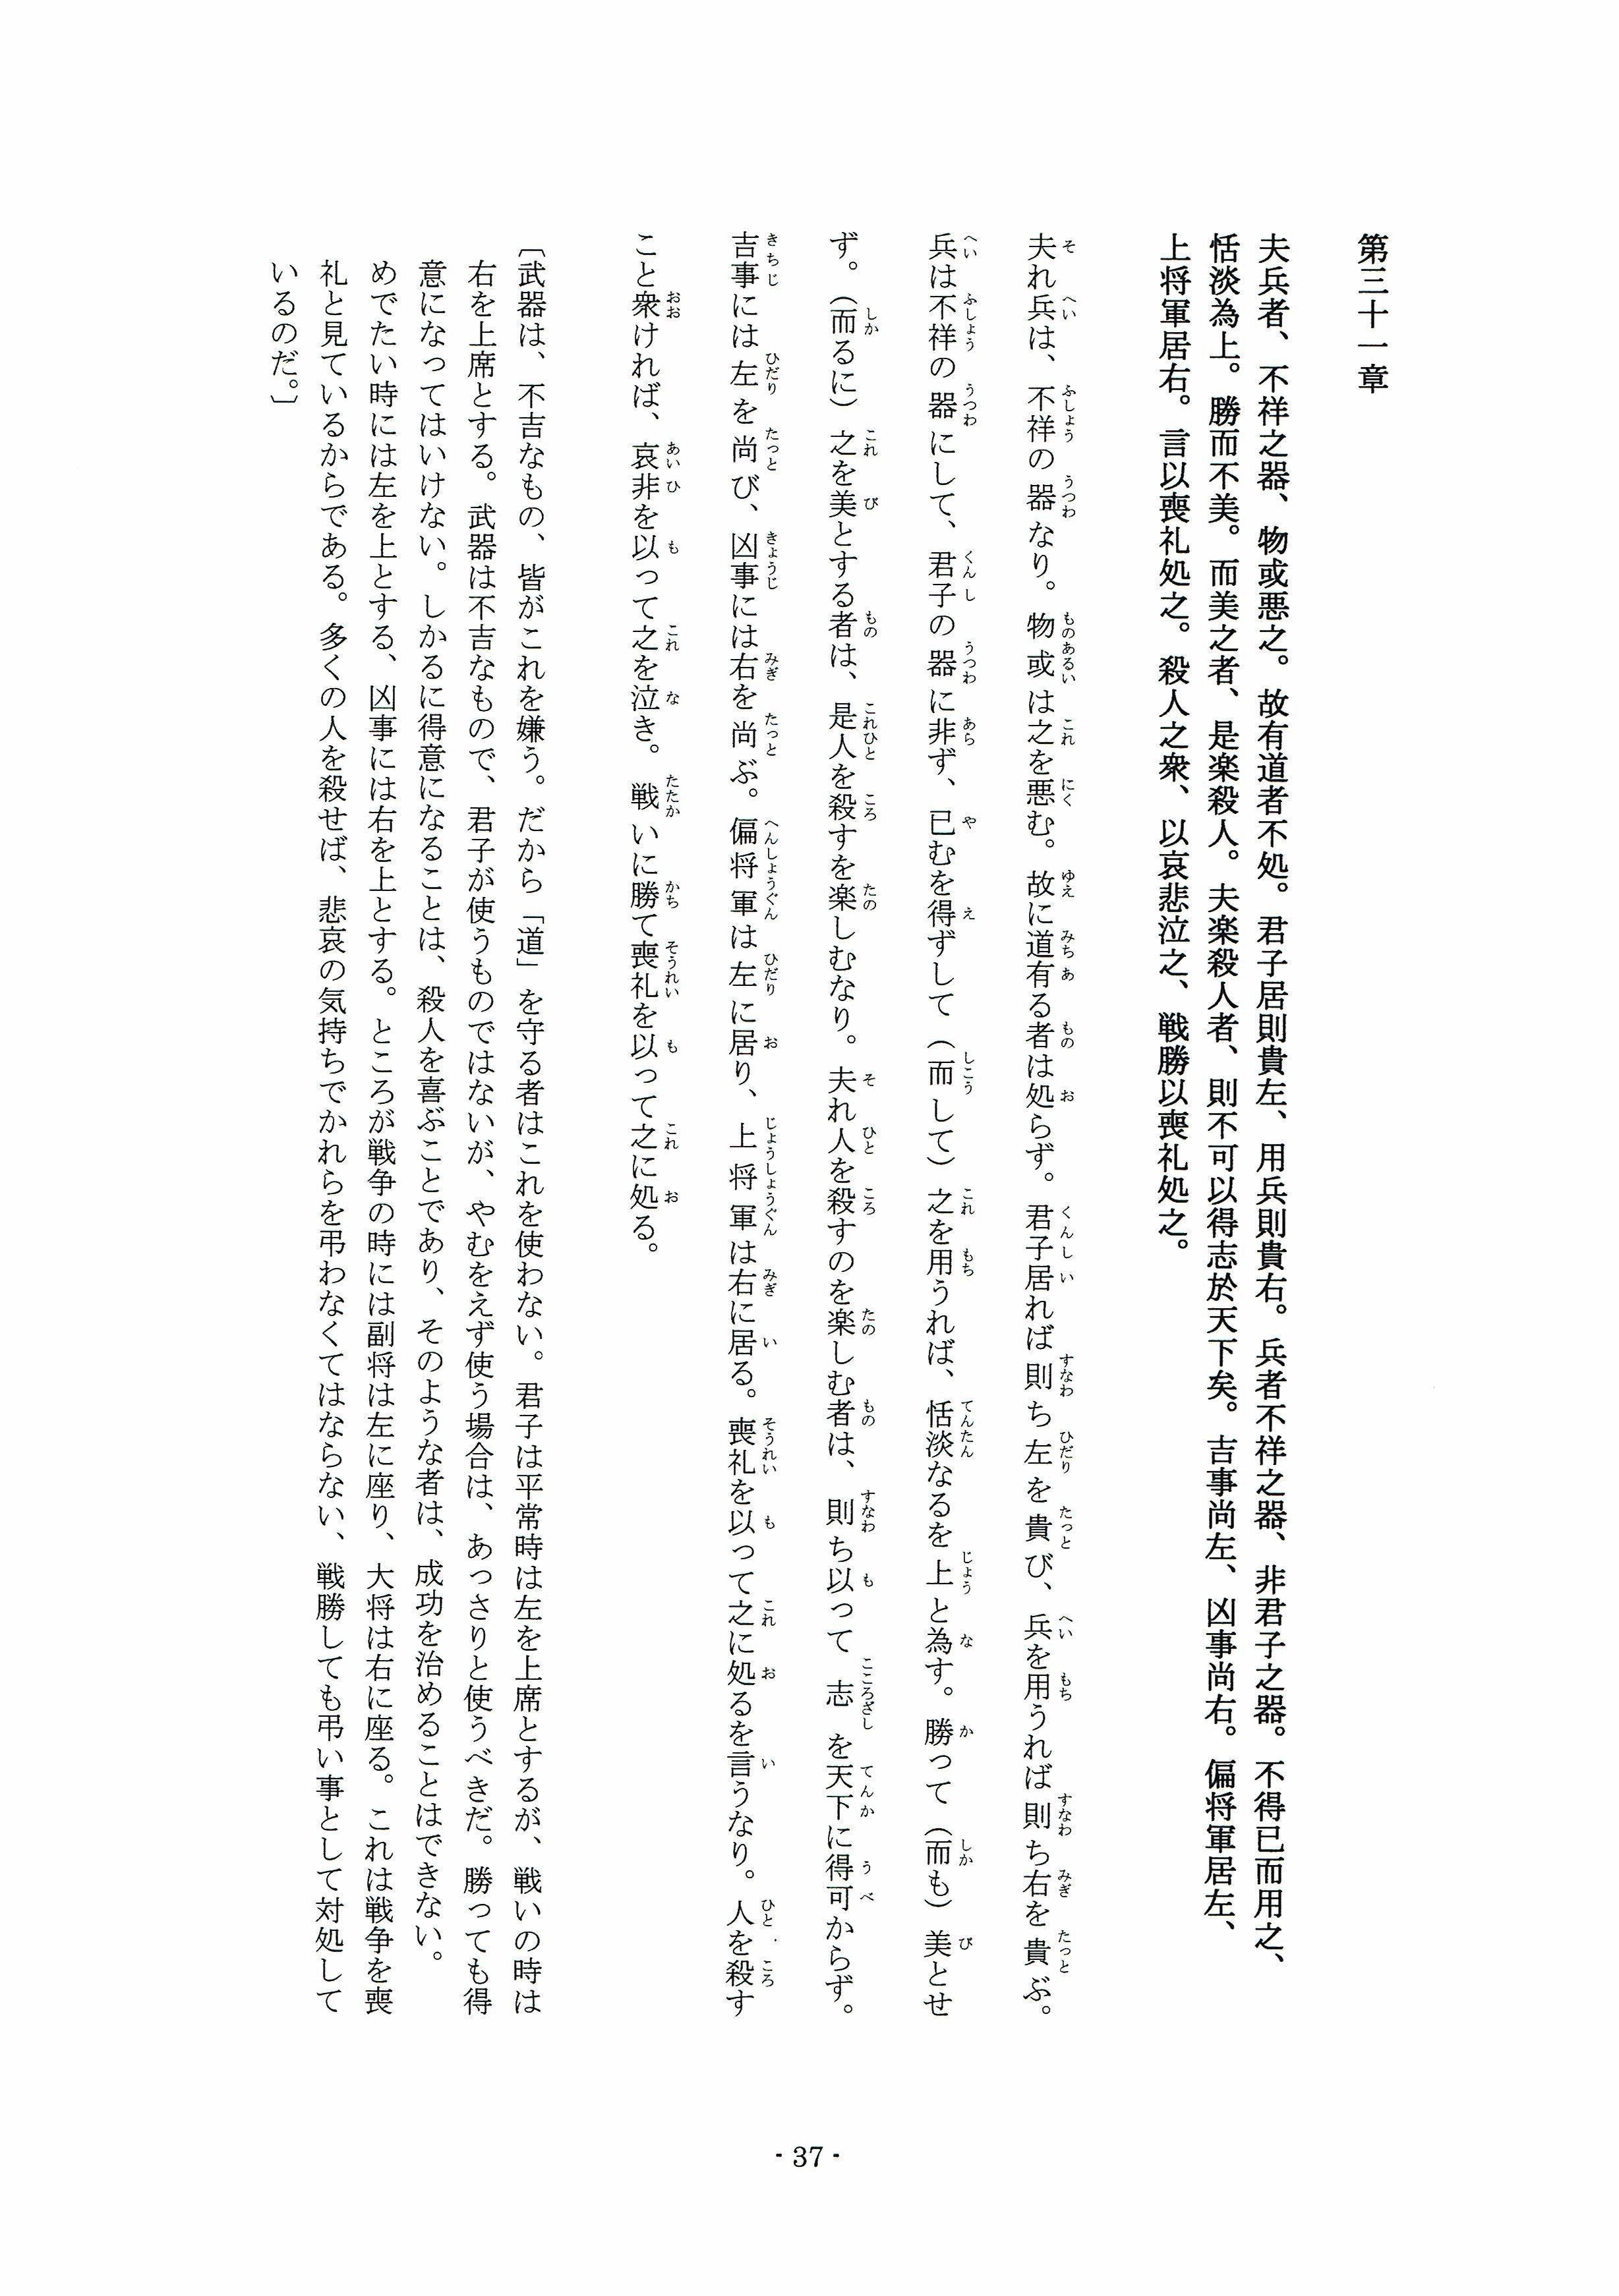 CCI_000004.jpg